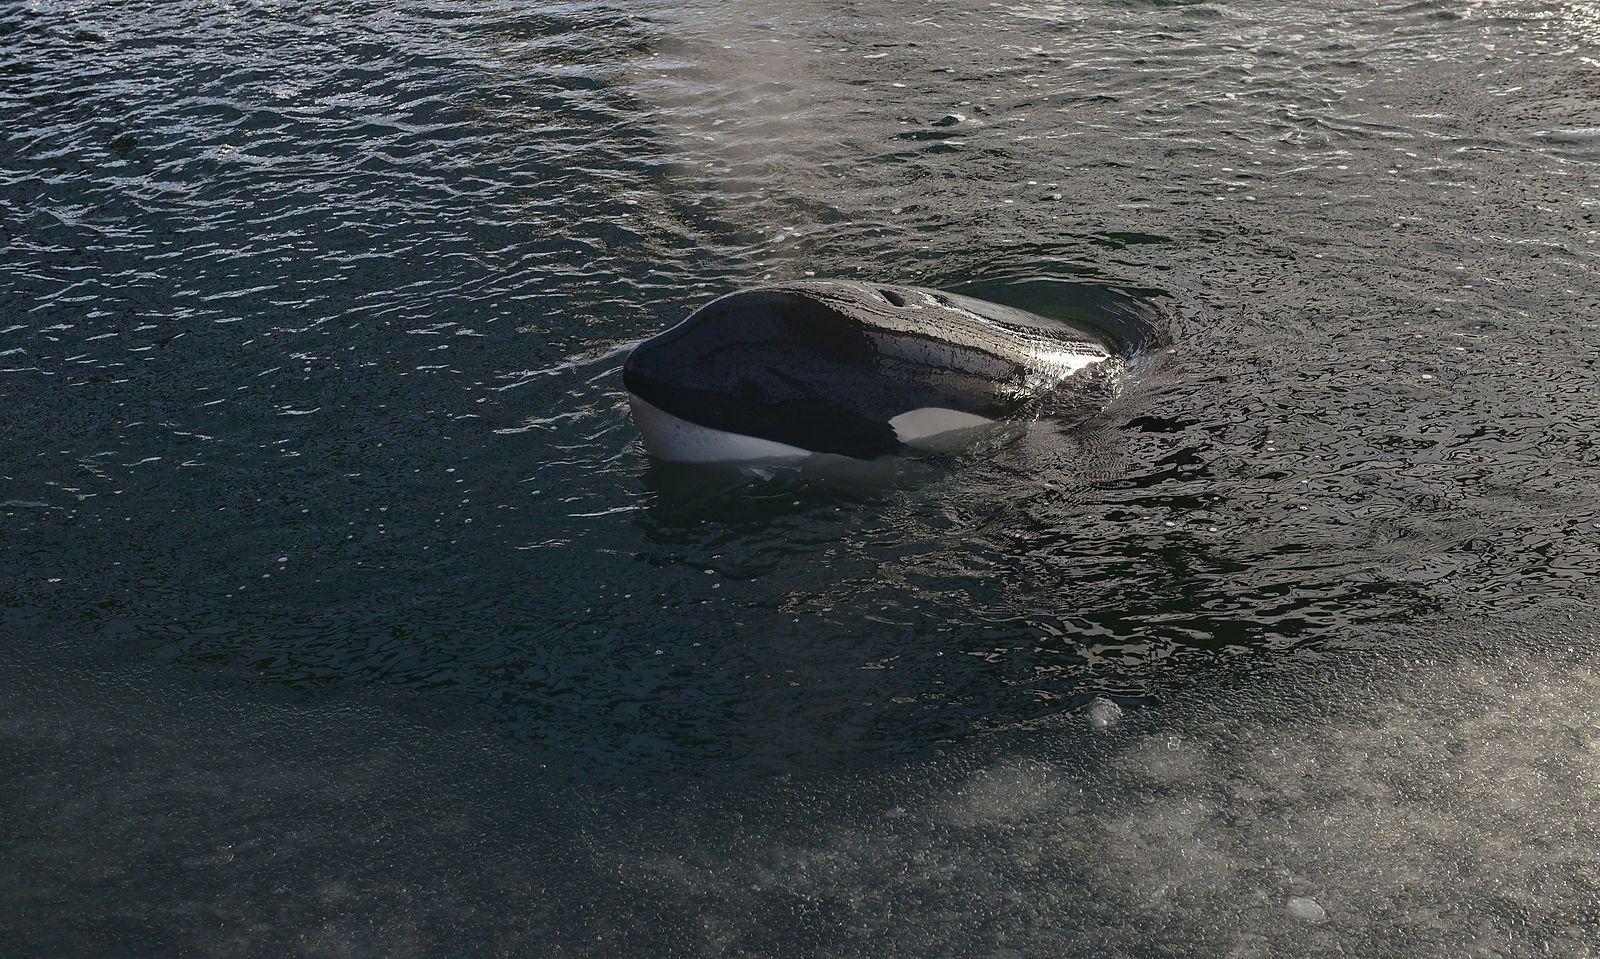 Einer der gefangenen Orcas.